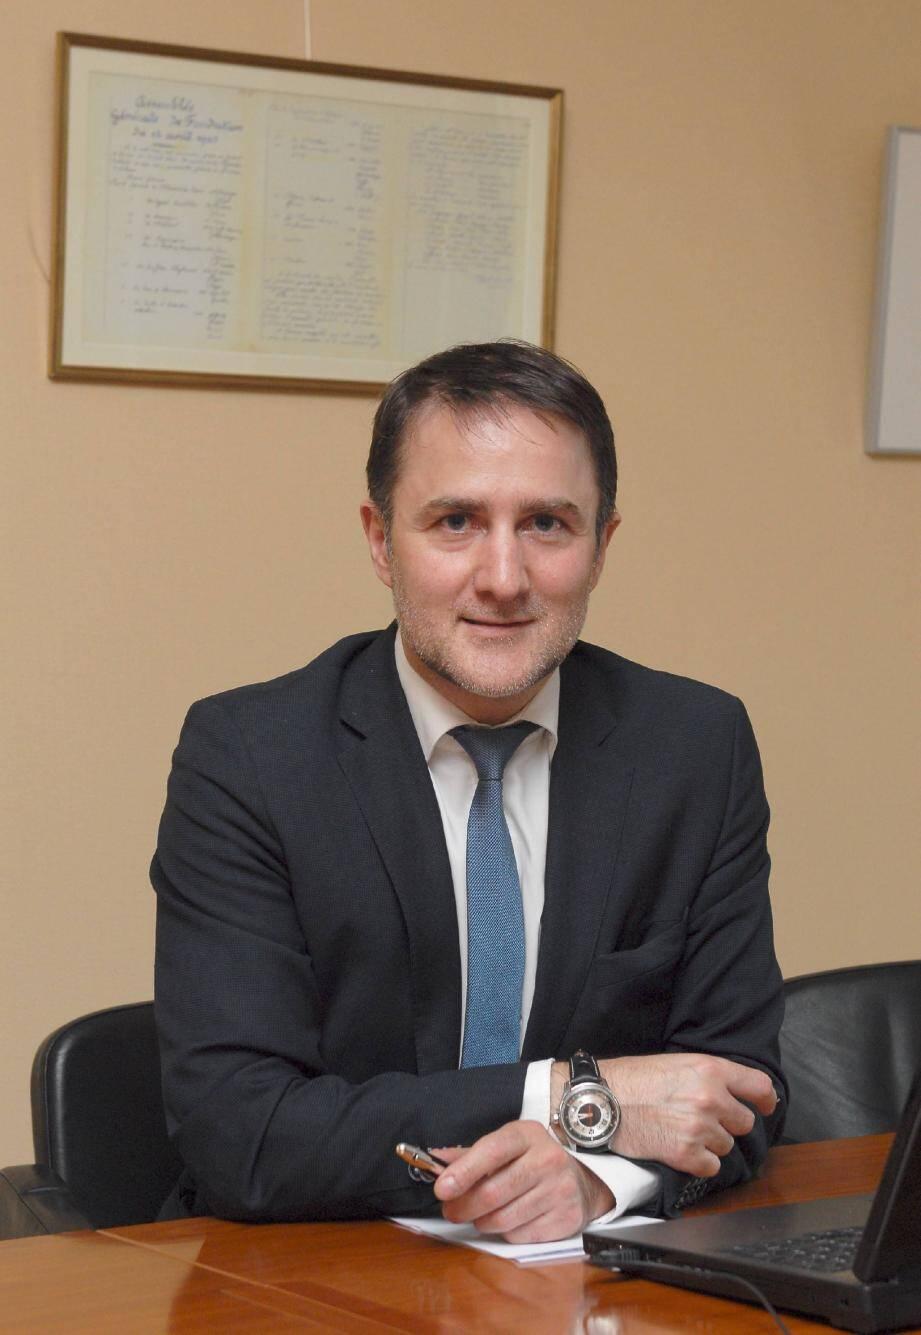 Le président de la Fédération patronale a été réélu pour la sixième année consécutive.